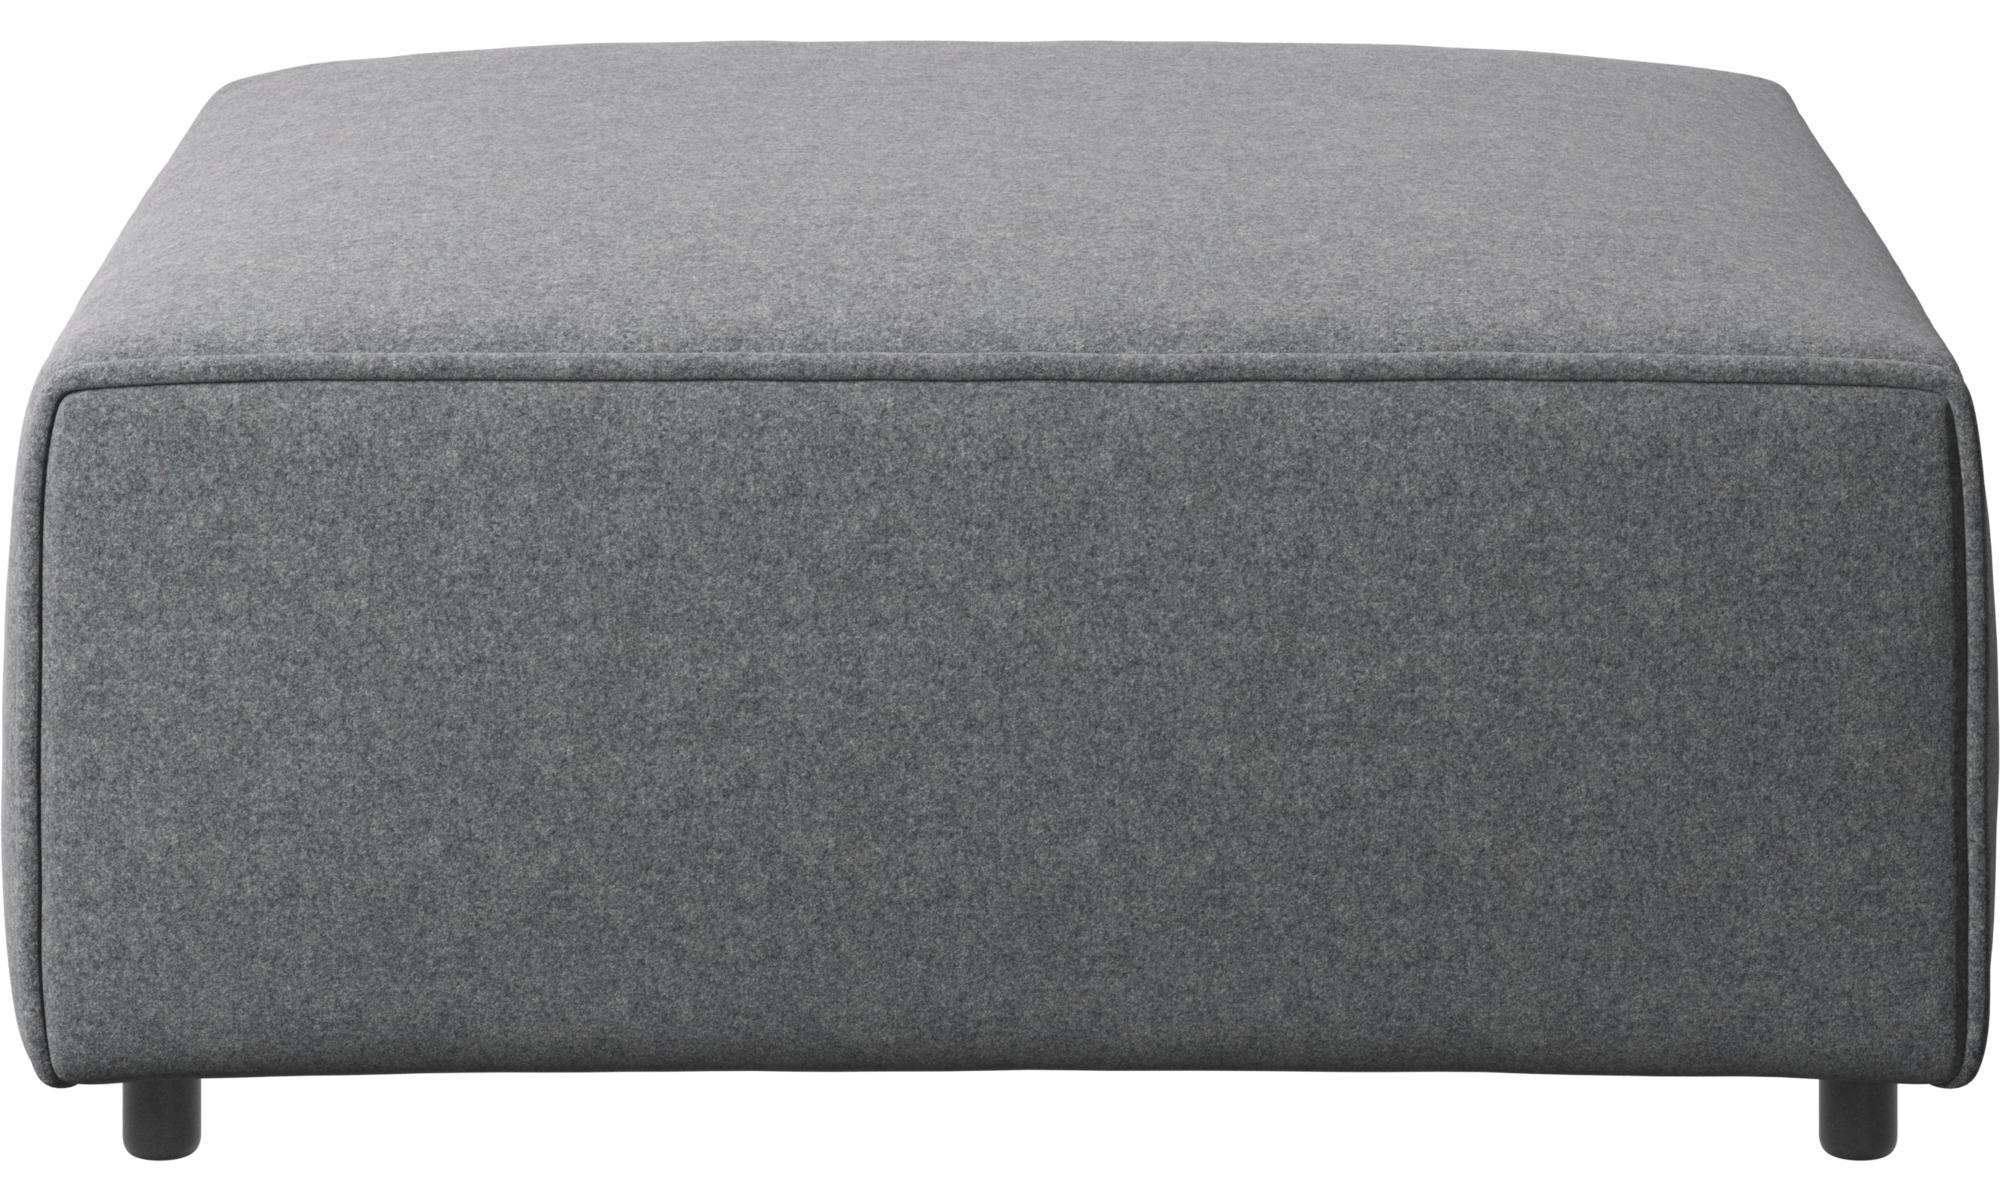 Footstools - Carmo footstool - Grey - Fabric